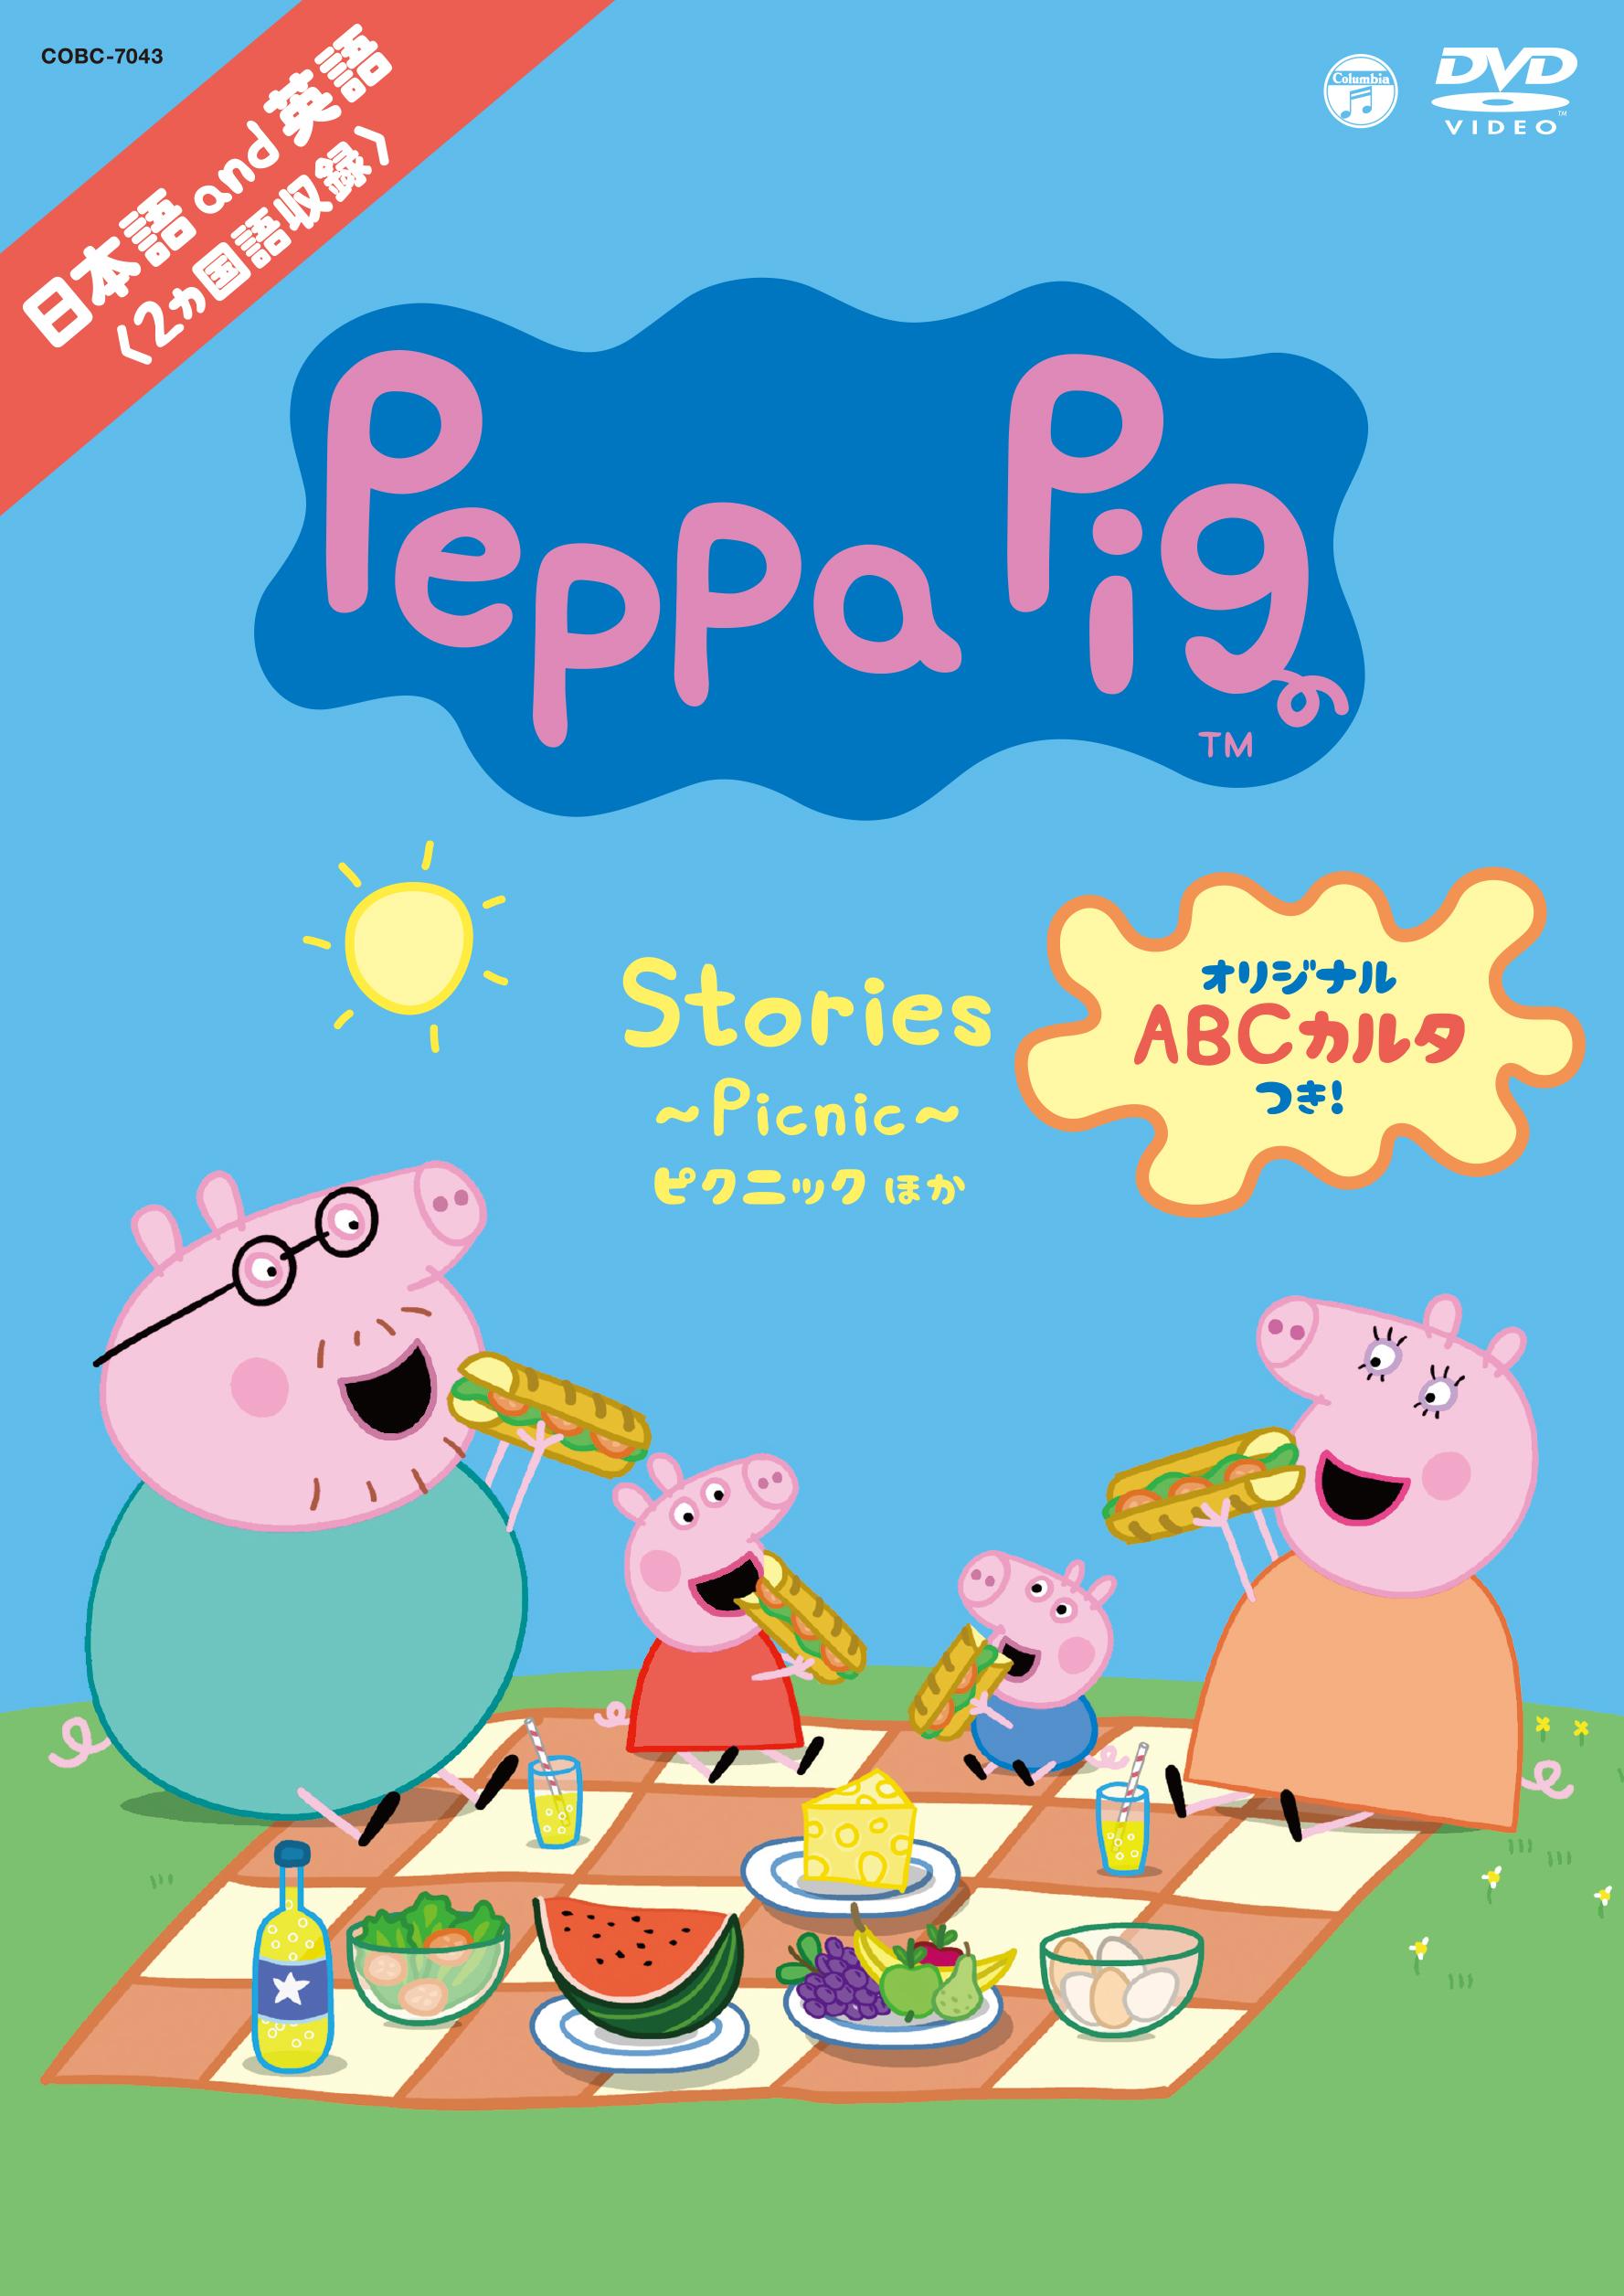 Peppa Pig Stories 〜Picnic〜 ピクニック ほか